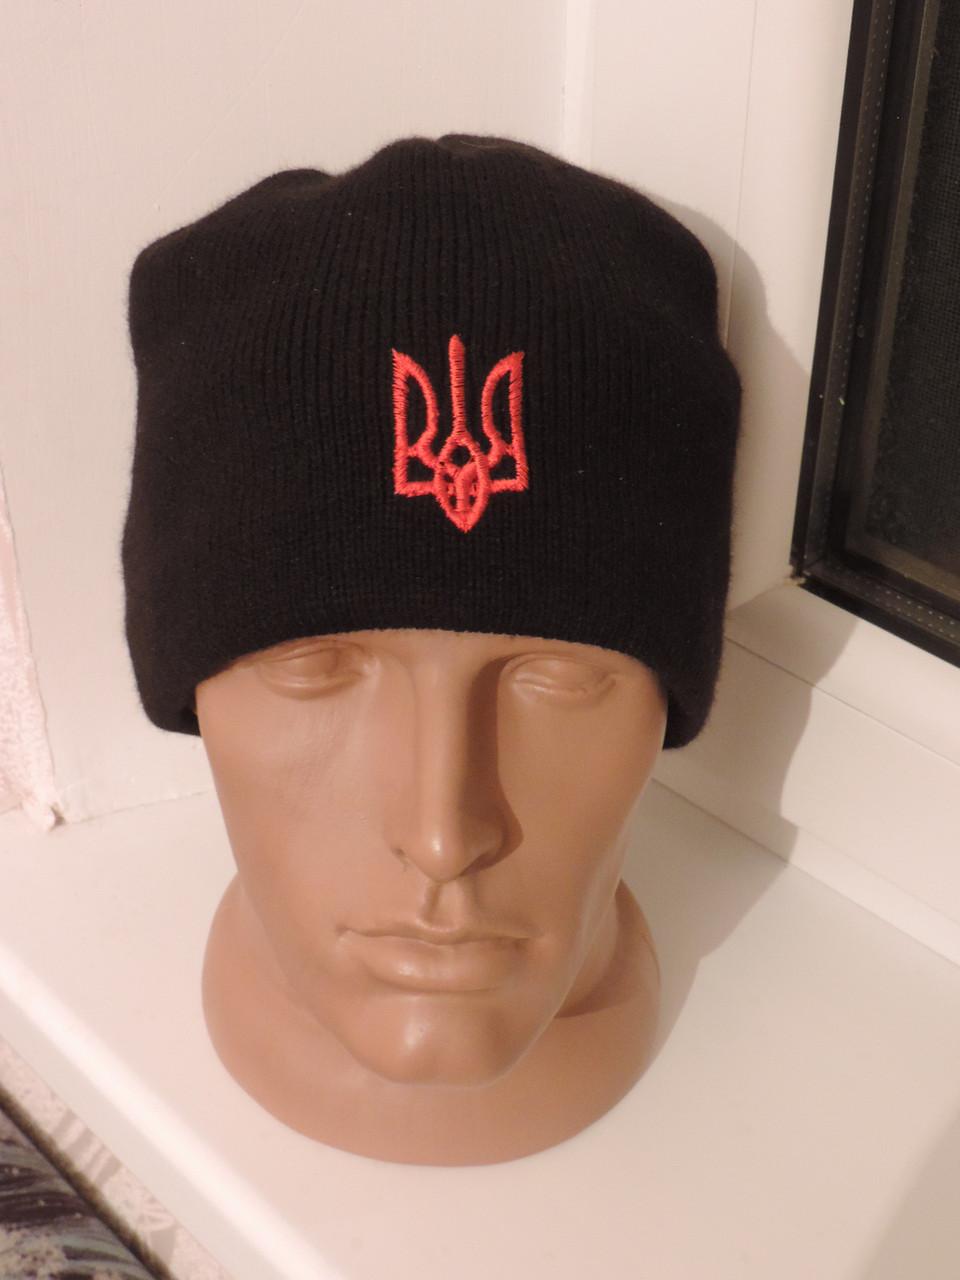 Шапка черная вязаная с гербом Украины. Качественная шапка с утепленной подкладкой флис.